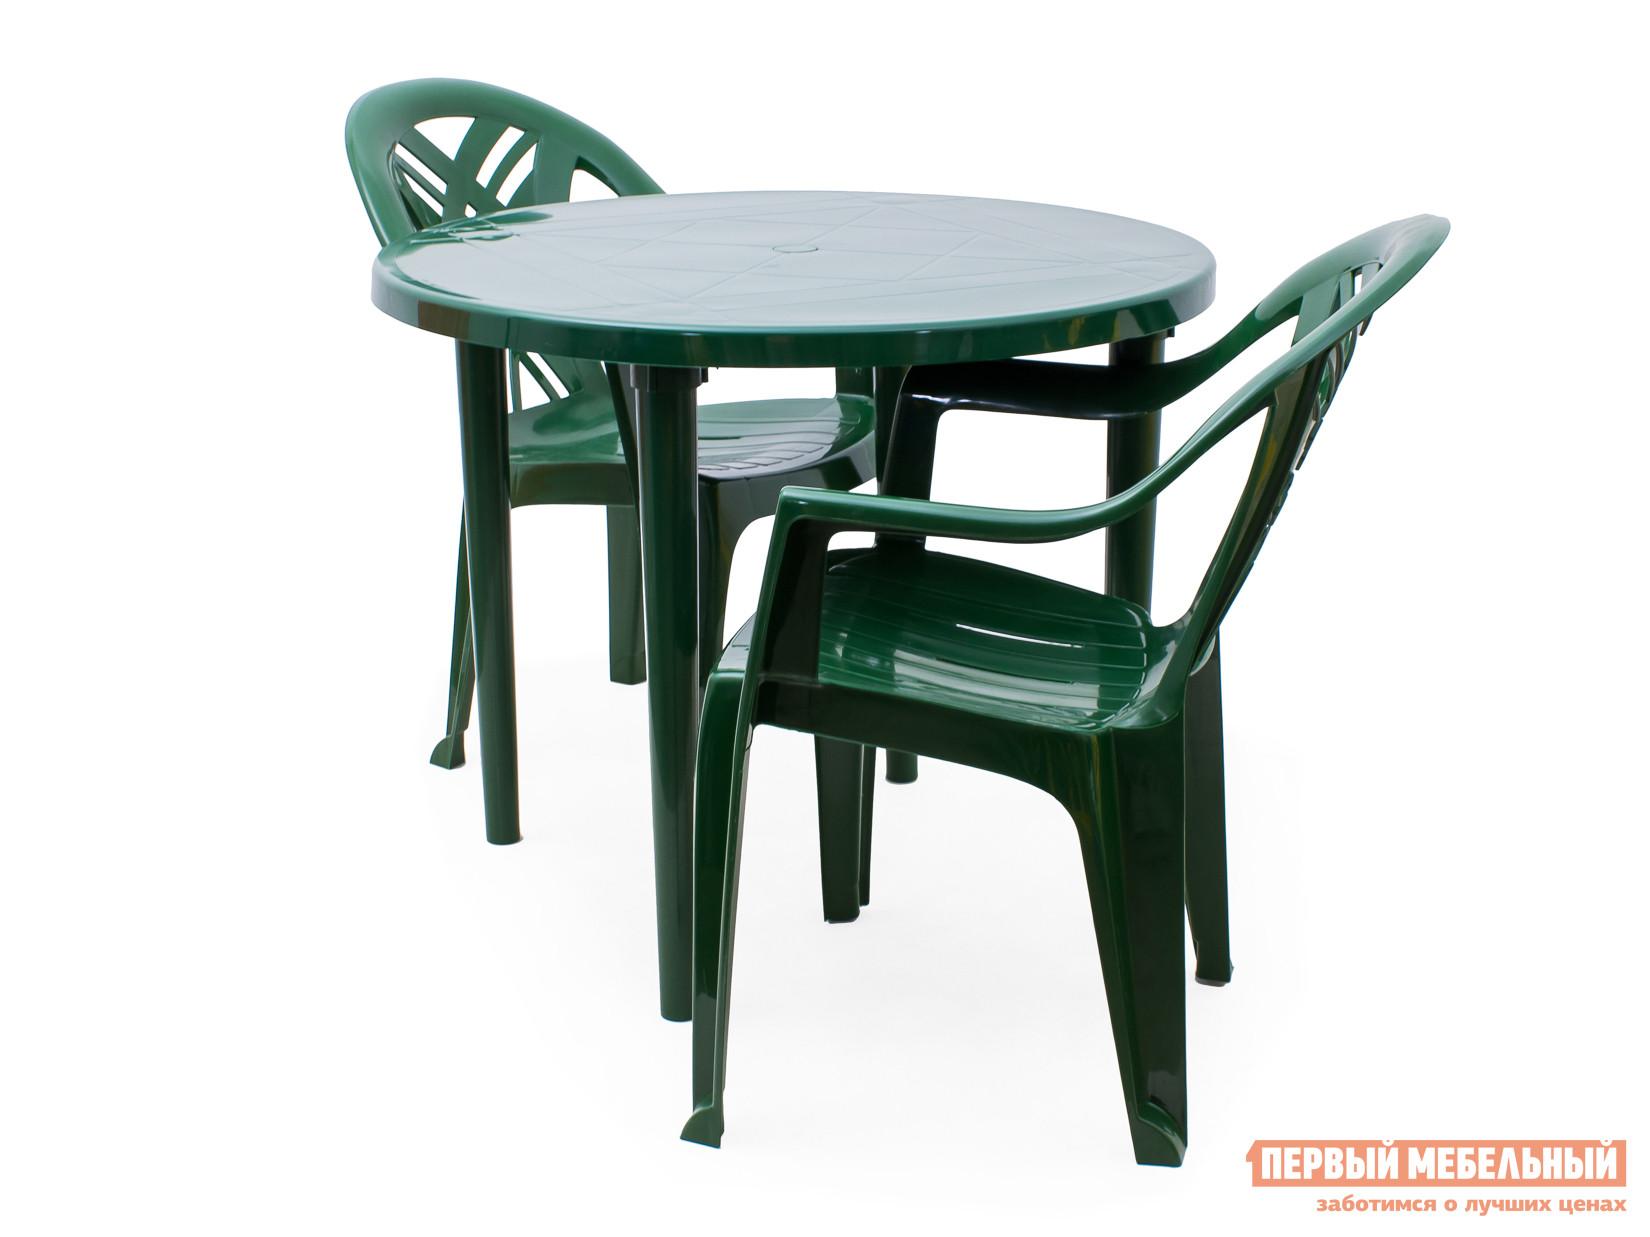 Набор пластиковой мебели Стандарт Пластик Стол круглый, д. 900 мм+Кресло №6 Престиж-2 (660x600x840мм), 2 шт. Темно-зеленыйНаборы пластиковой мебели<br>Габаритные размеры ВхШхГ xx мм. Будь то романтическое свидание, беседа с близкими или отдых на побережье — везде вам пригодится набор пластиковой мебели Рикул + Престиж-2.  Три предмета: стол (ВхД): 710 х 900 мм и пара кресел (ВхШхГ): 840 х 660 х 600 мм сделают отдых комфортным.  Кресла оснащены резной спинкой и подлокотниками, а стол имеет отверстие для установки солнцезащитного зонта. Как известно.  пластиковая мебель весьма неприхотлива к условиям эксплуатации, что позволяет использовать представленный набор на улице весь сезон.<br><br>Цвет: Зеленый<br>Кол-во упаковок: 3<br>Форма поставки: В разобранном виде<br>Срок гарантии: 1 год<br>Тип: На 2 персоны